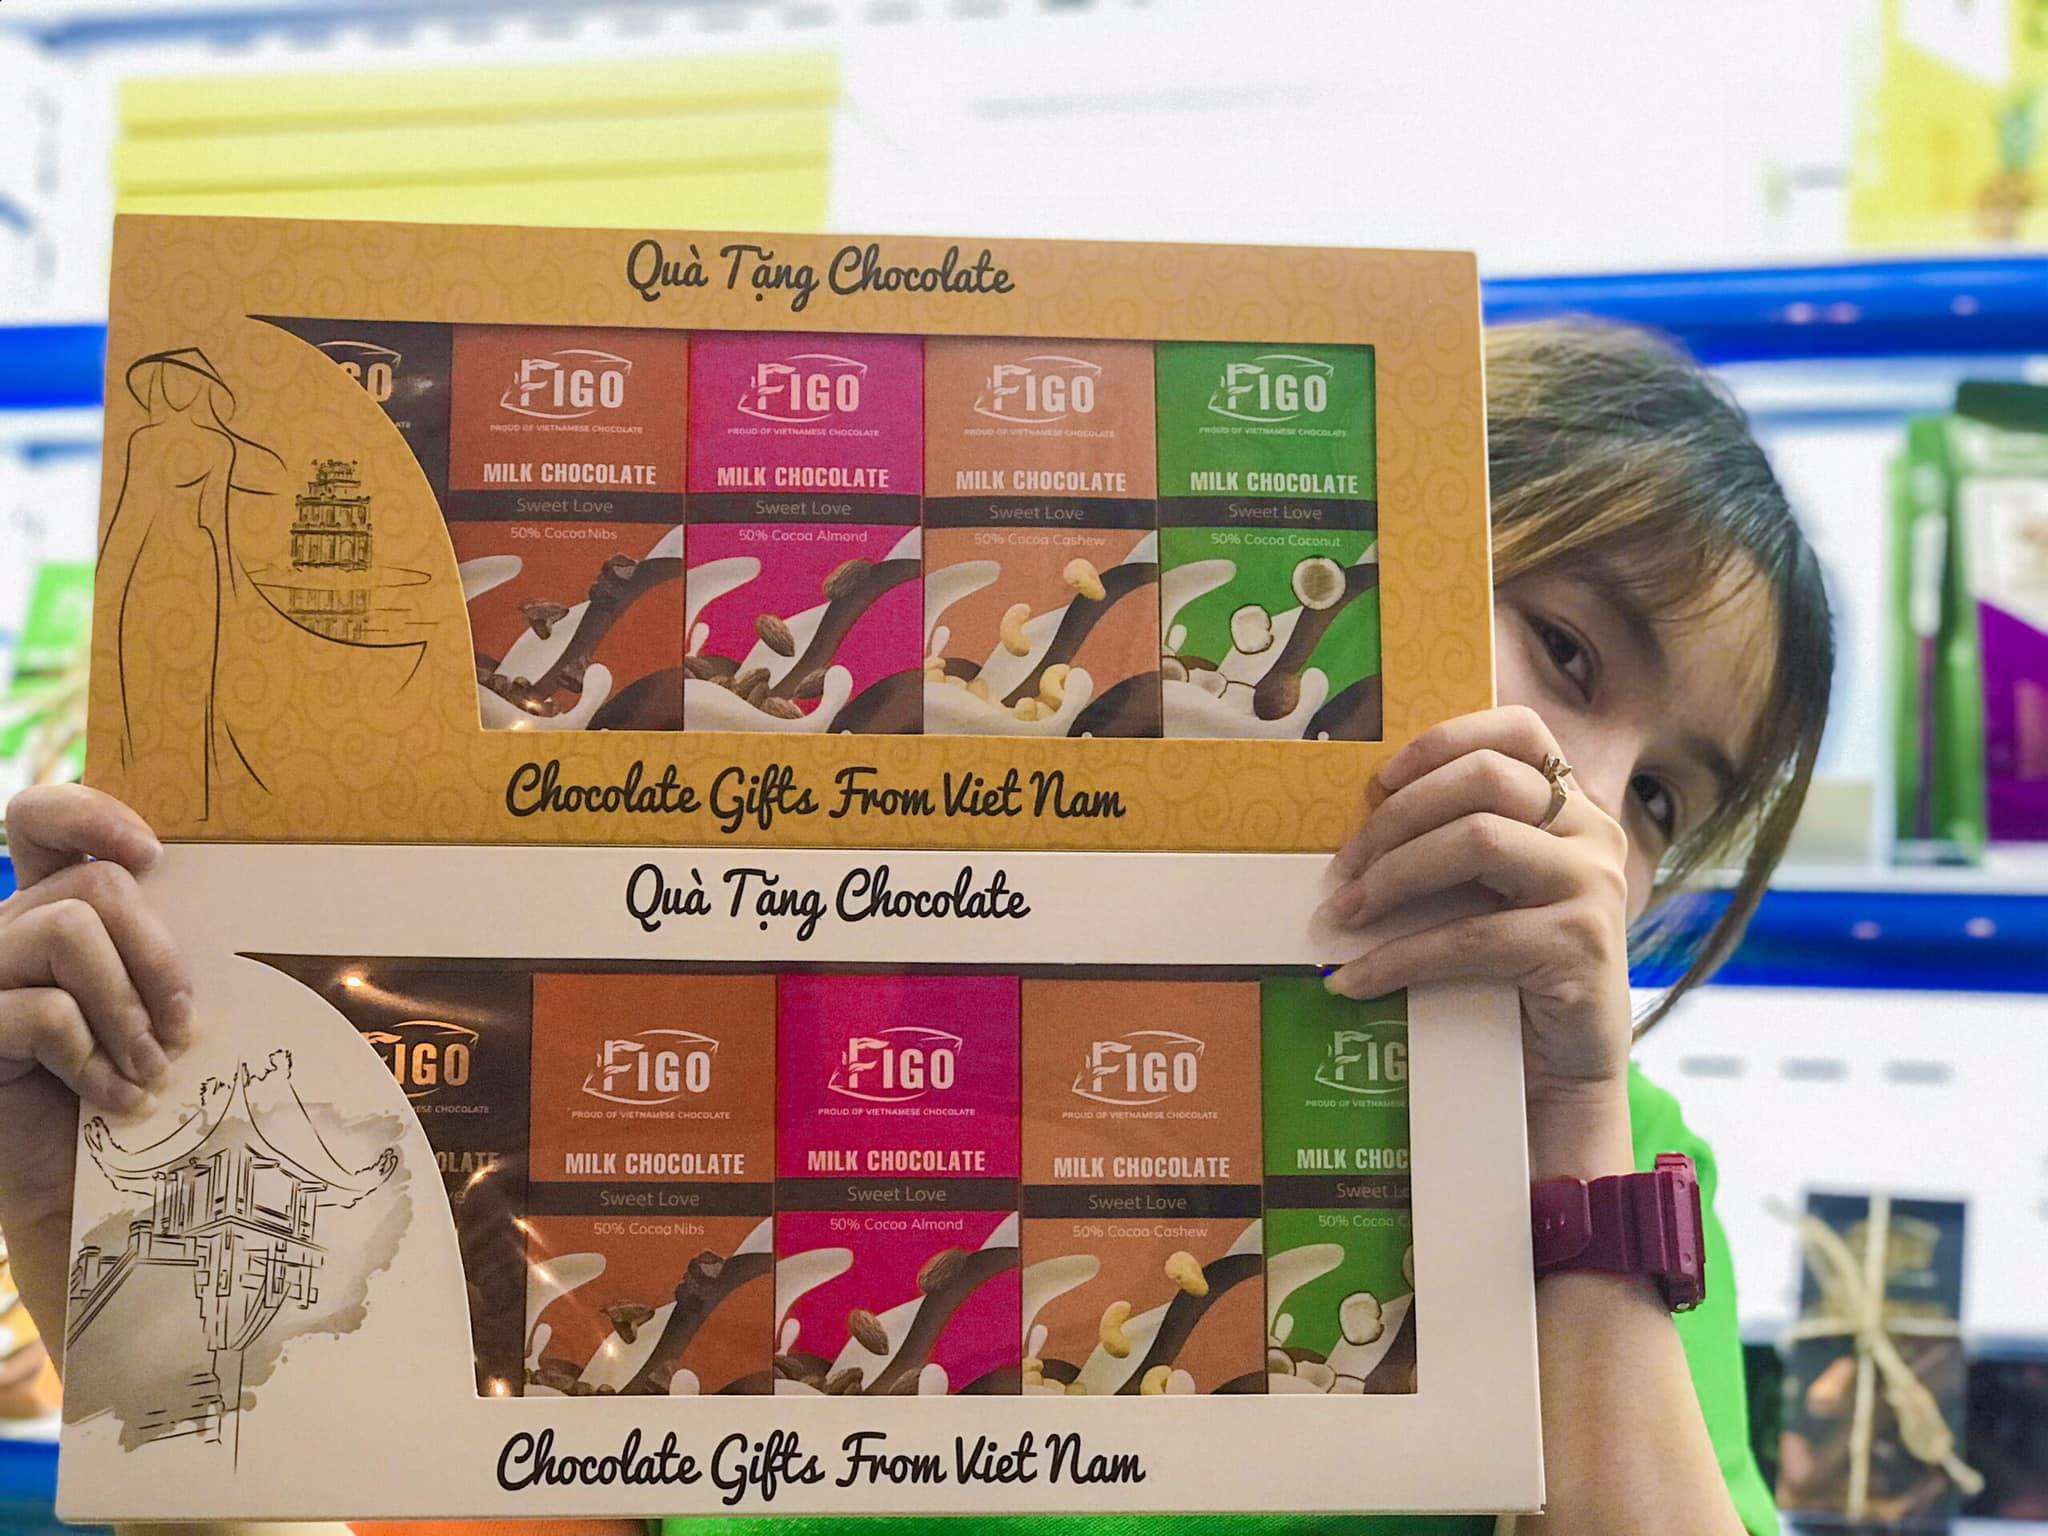 Socola cao cấp ngon mua ở F5Fruit Shop - Trái cây Nhập Khẩu Khánh Hoà, Nha Trang